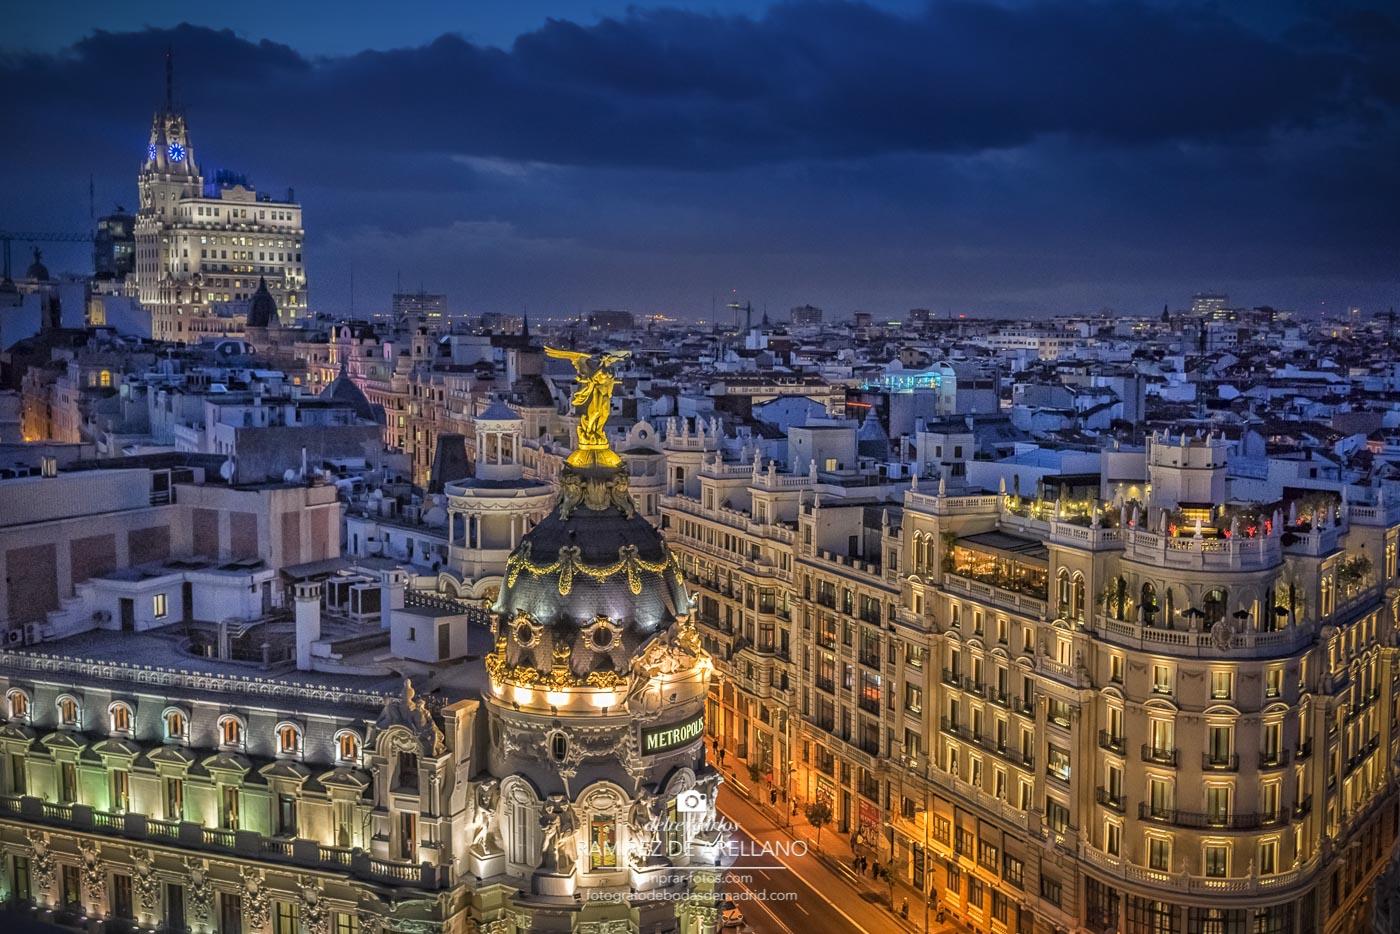 Fotografías De Ciudades Y Paisajes: Fotos De Madrid Para